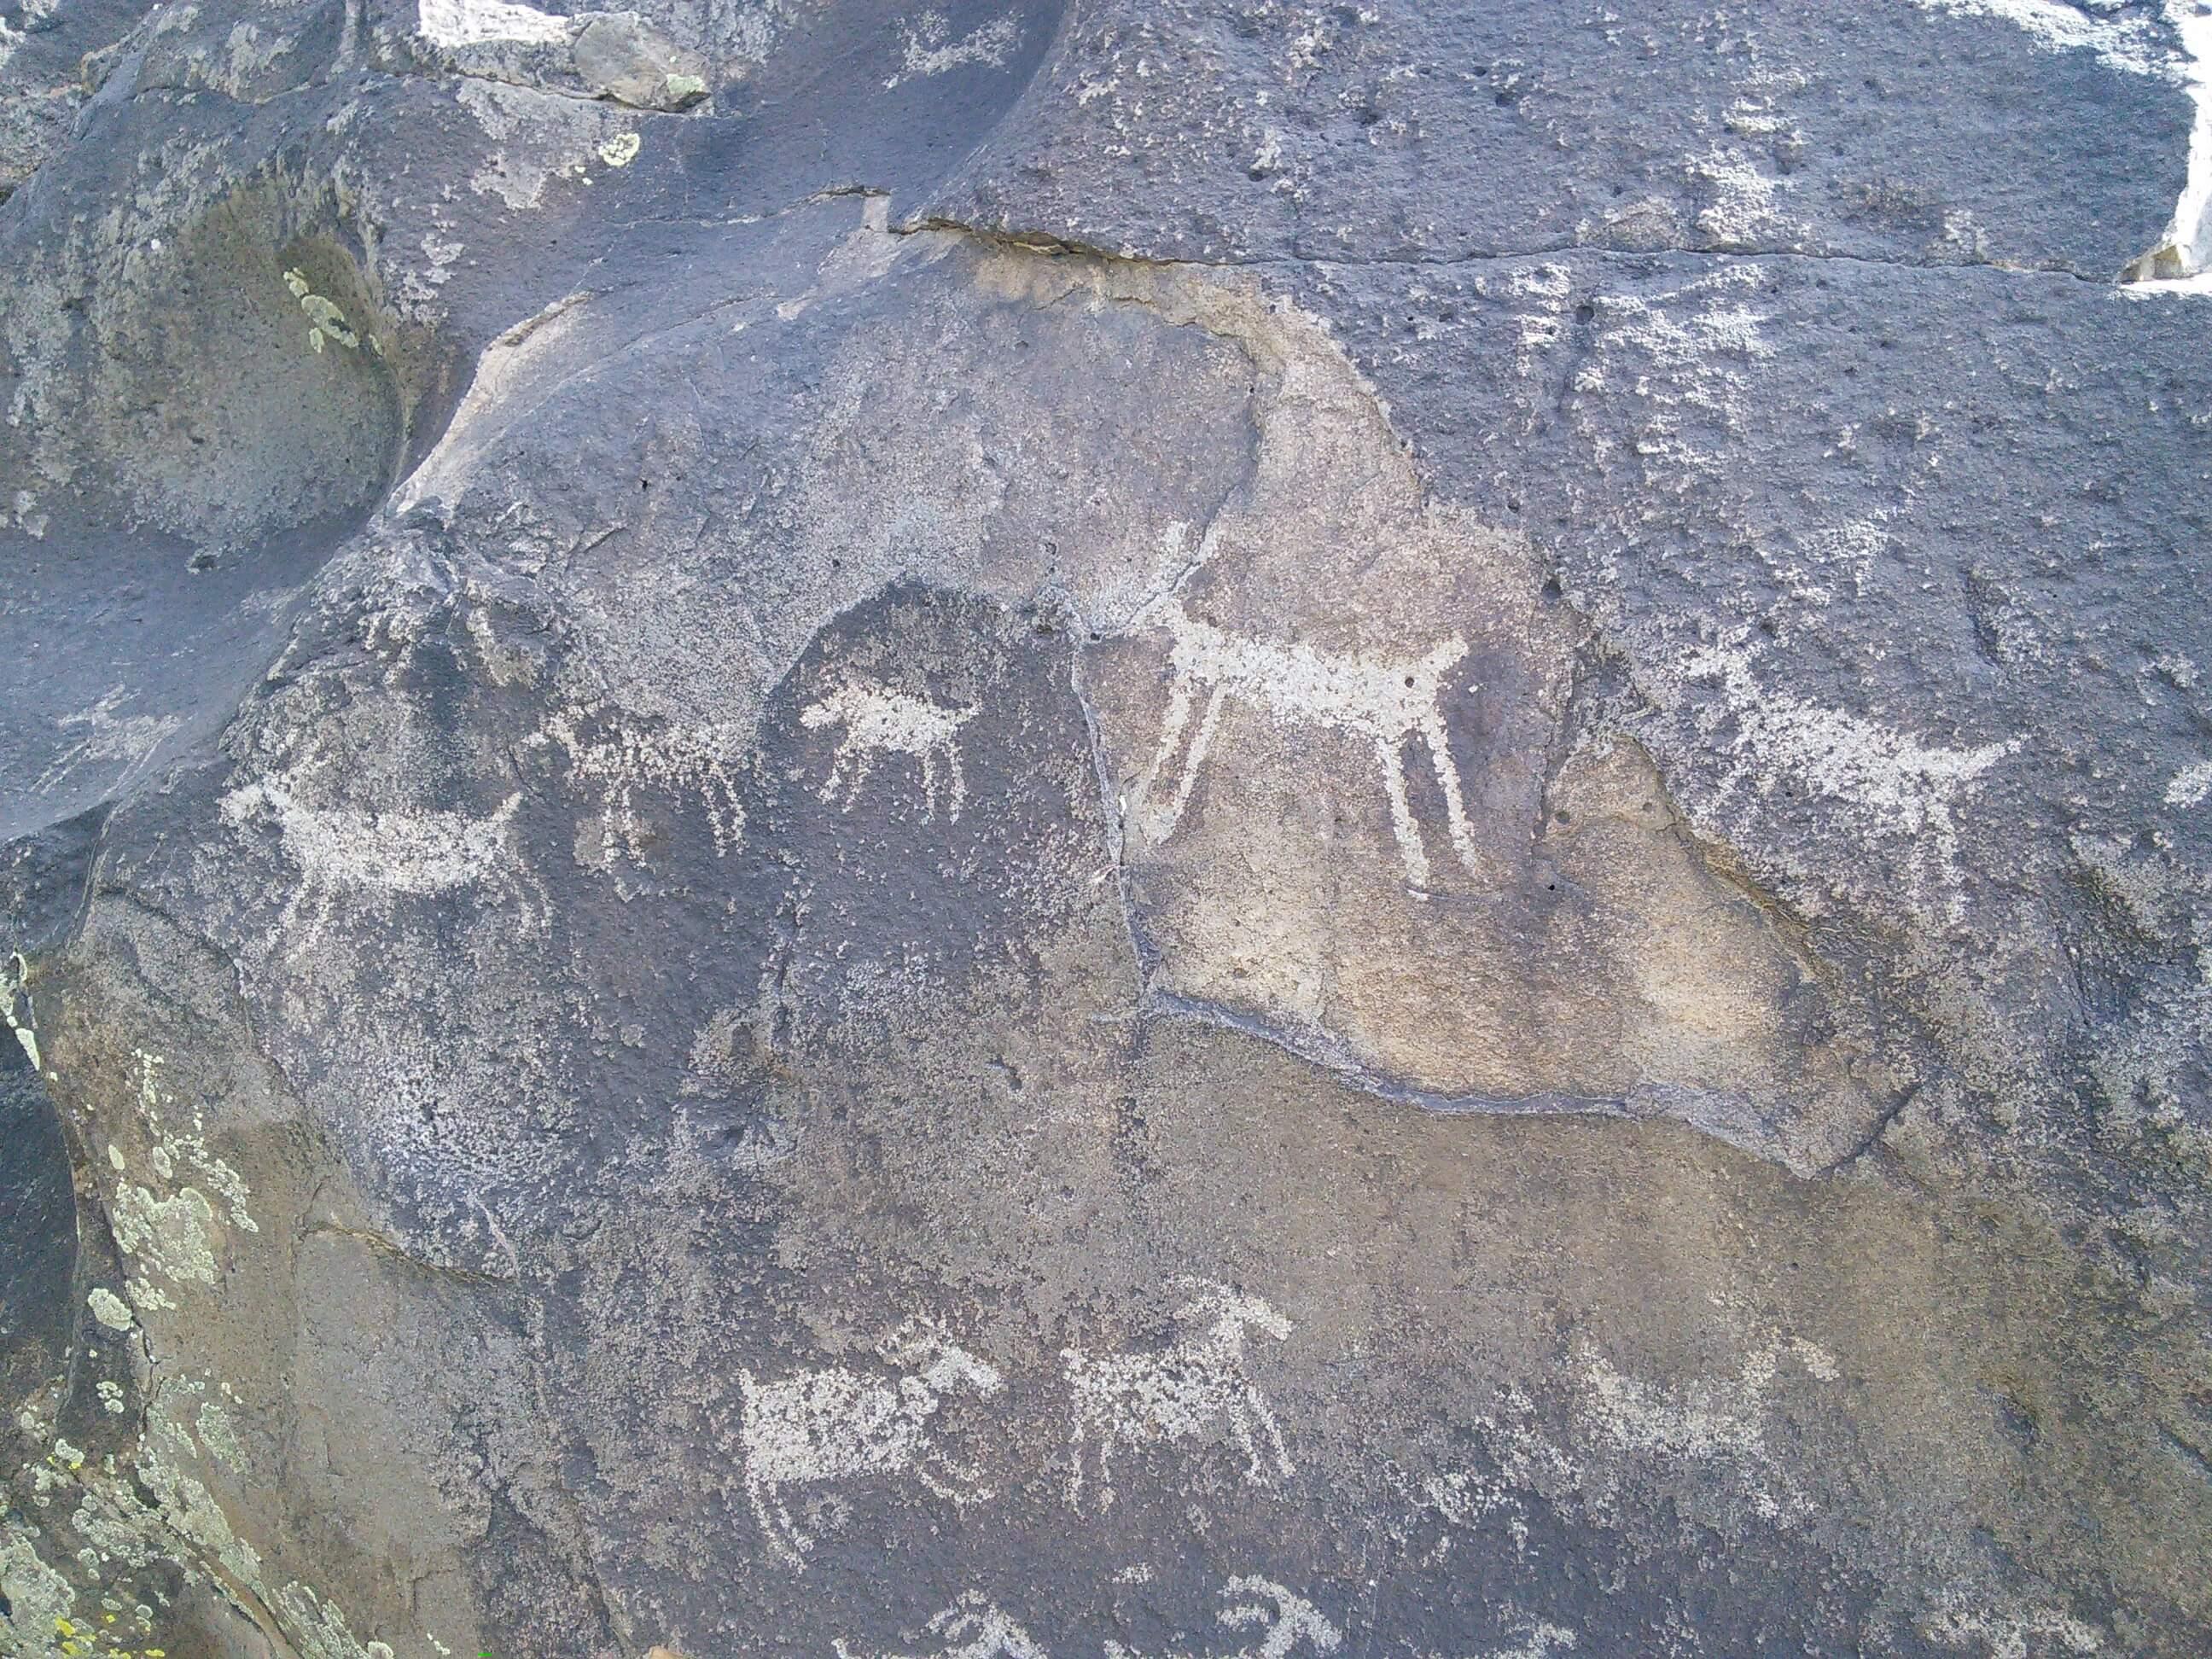 Petroglyph in the Rio Grande Gorge, NM